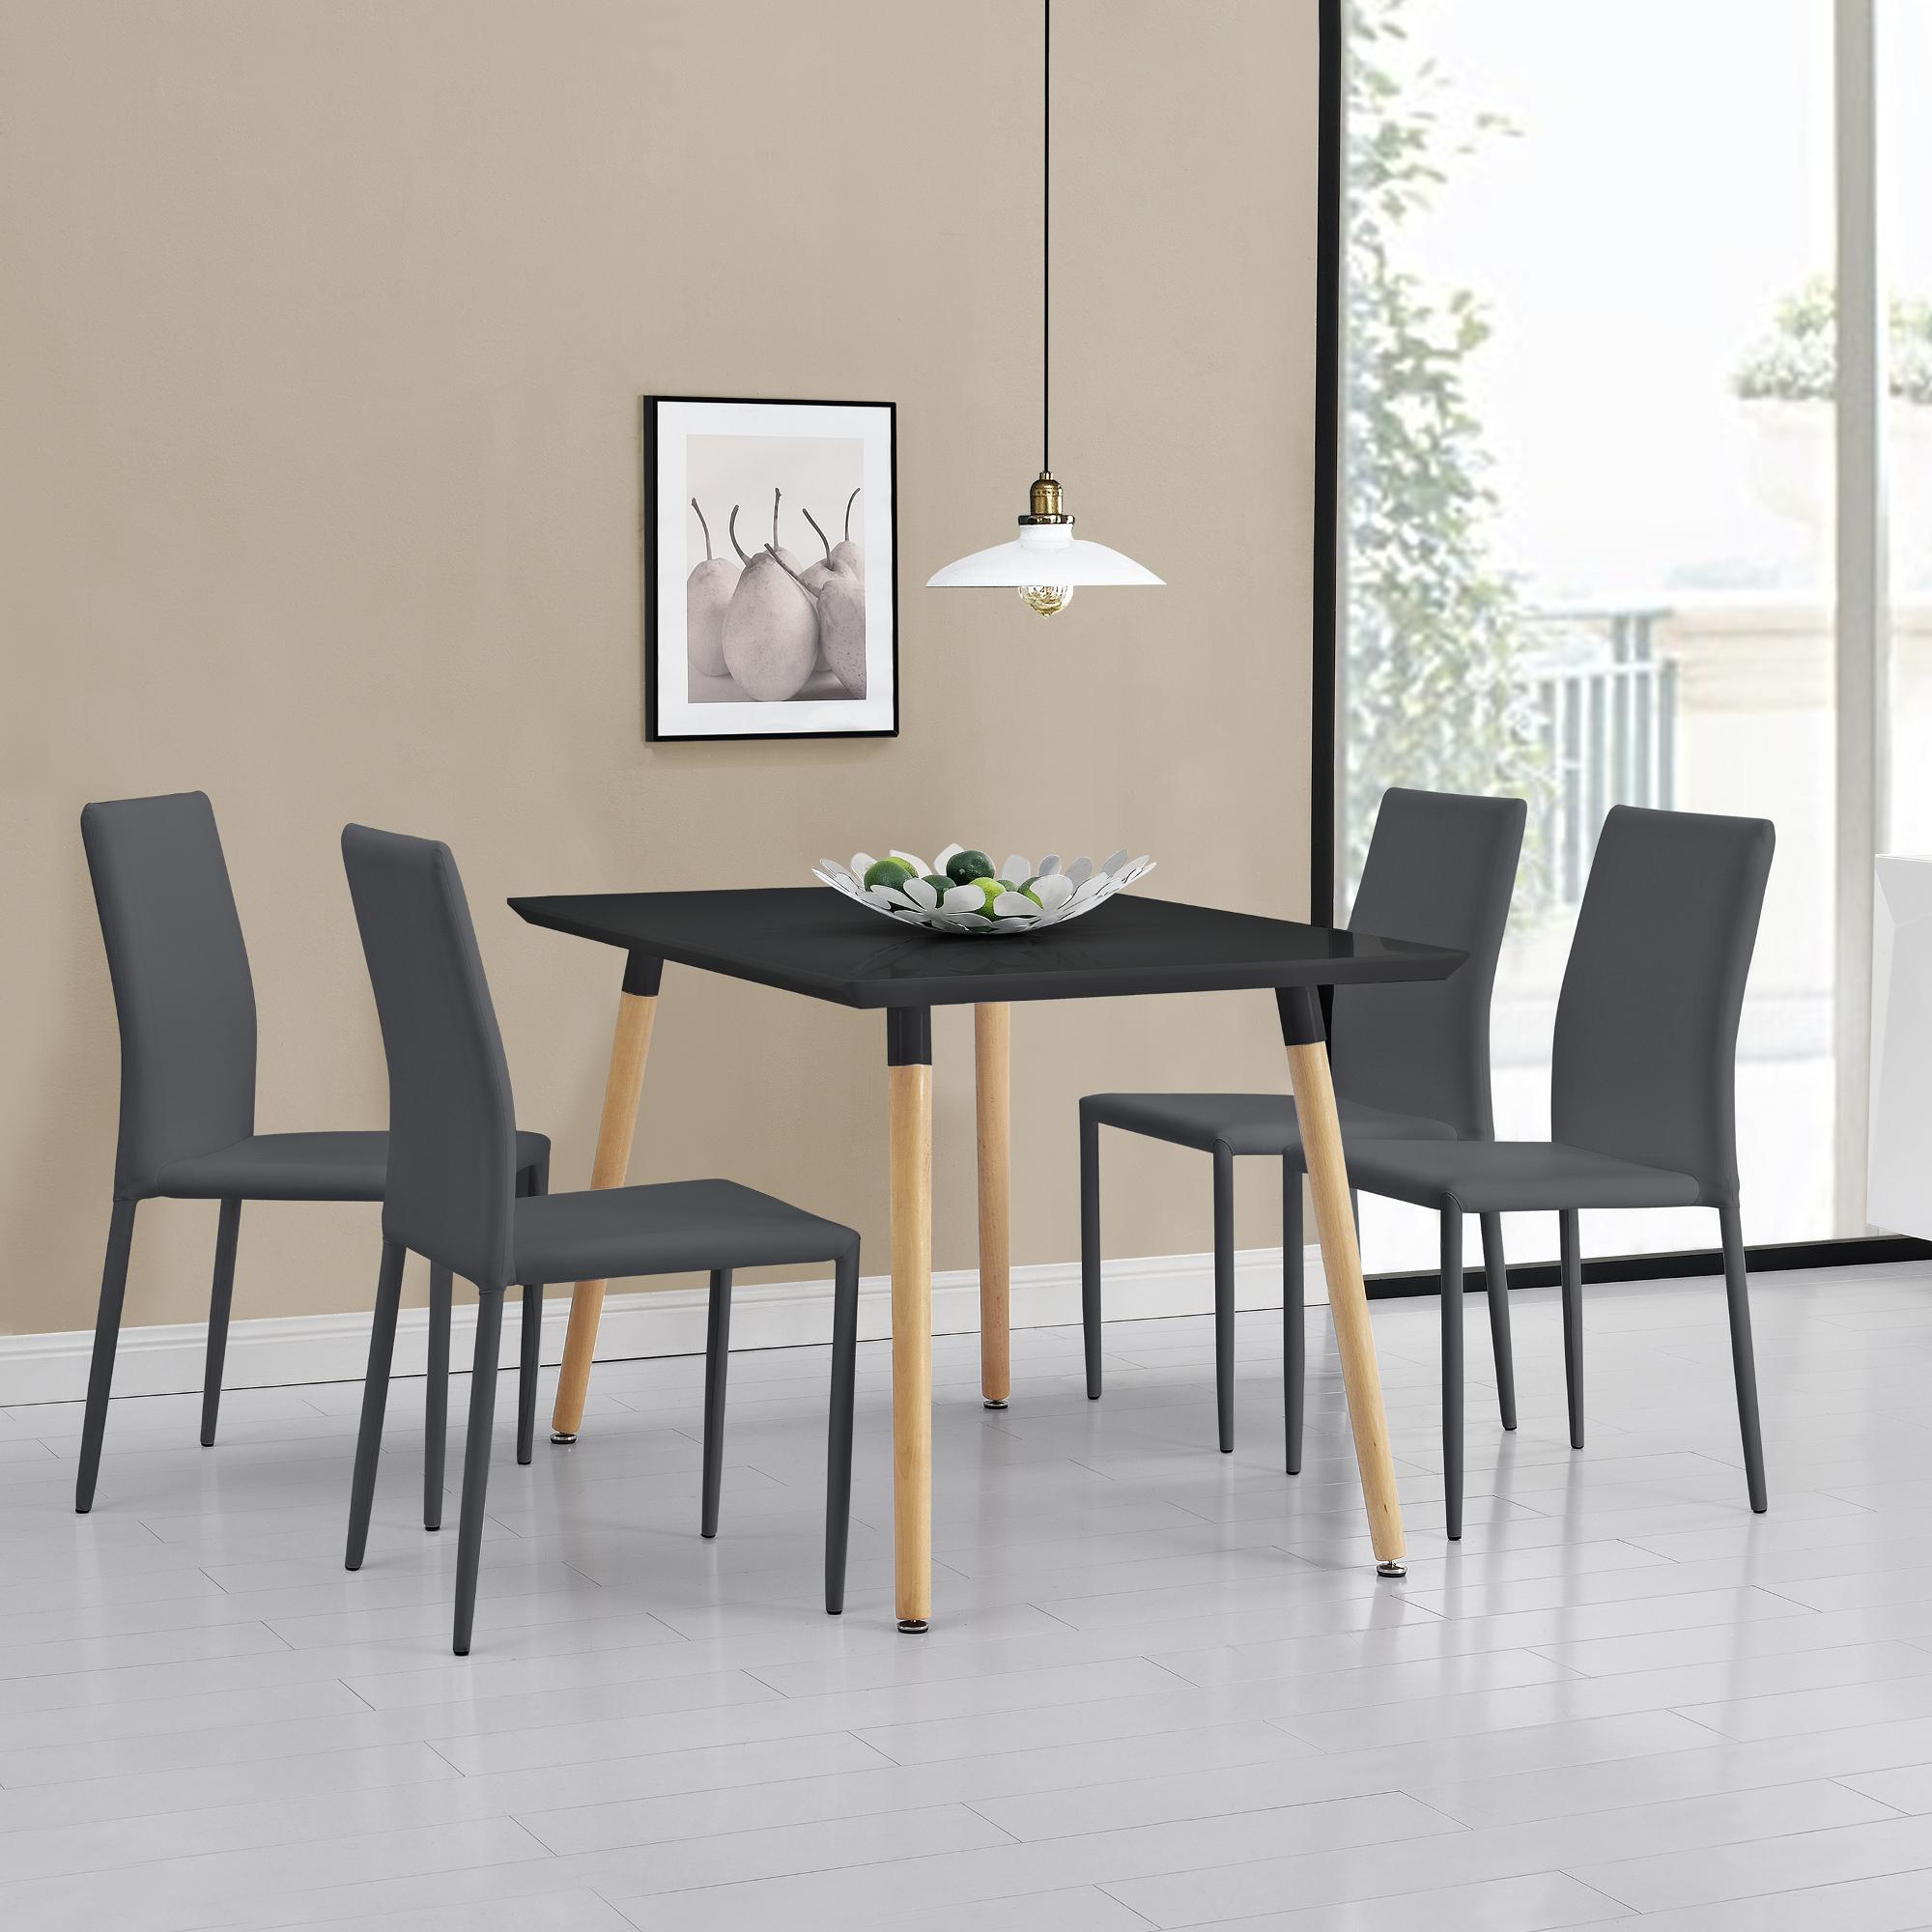 Tavolo da pranzo con 4 sedie nere grigie 120x70 for Tavolo cucina 4 posti